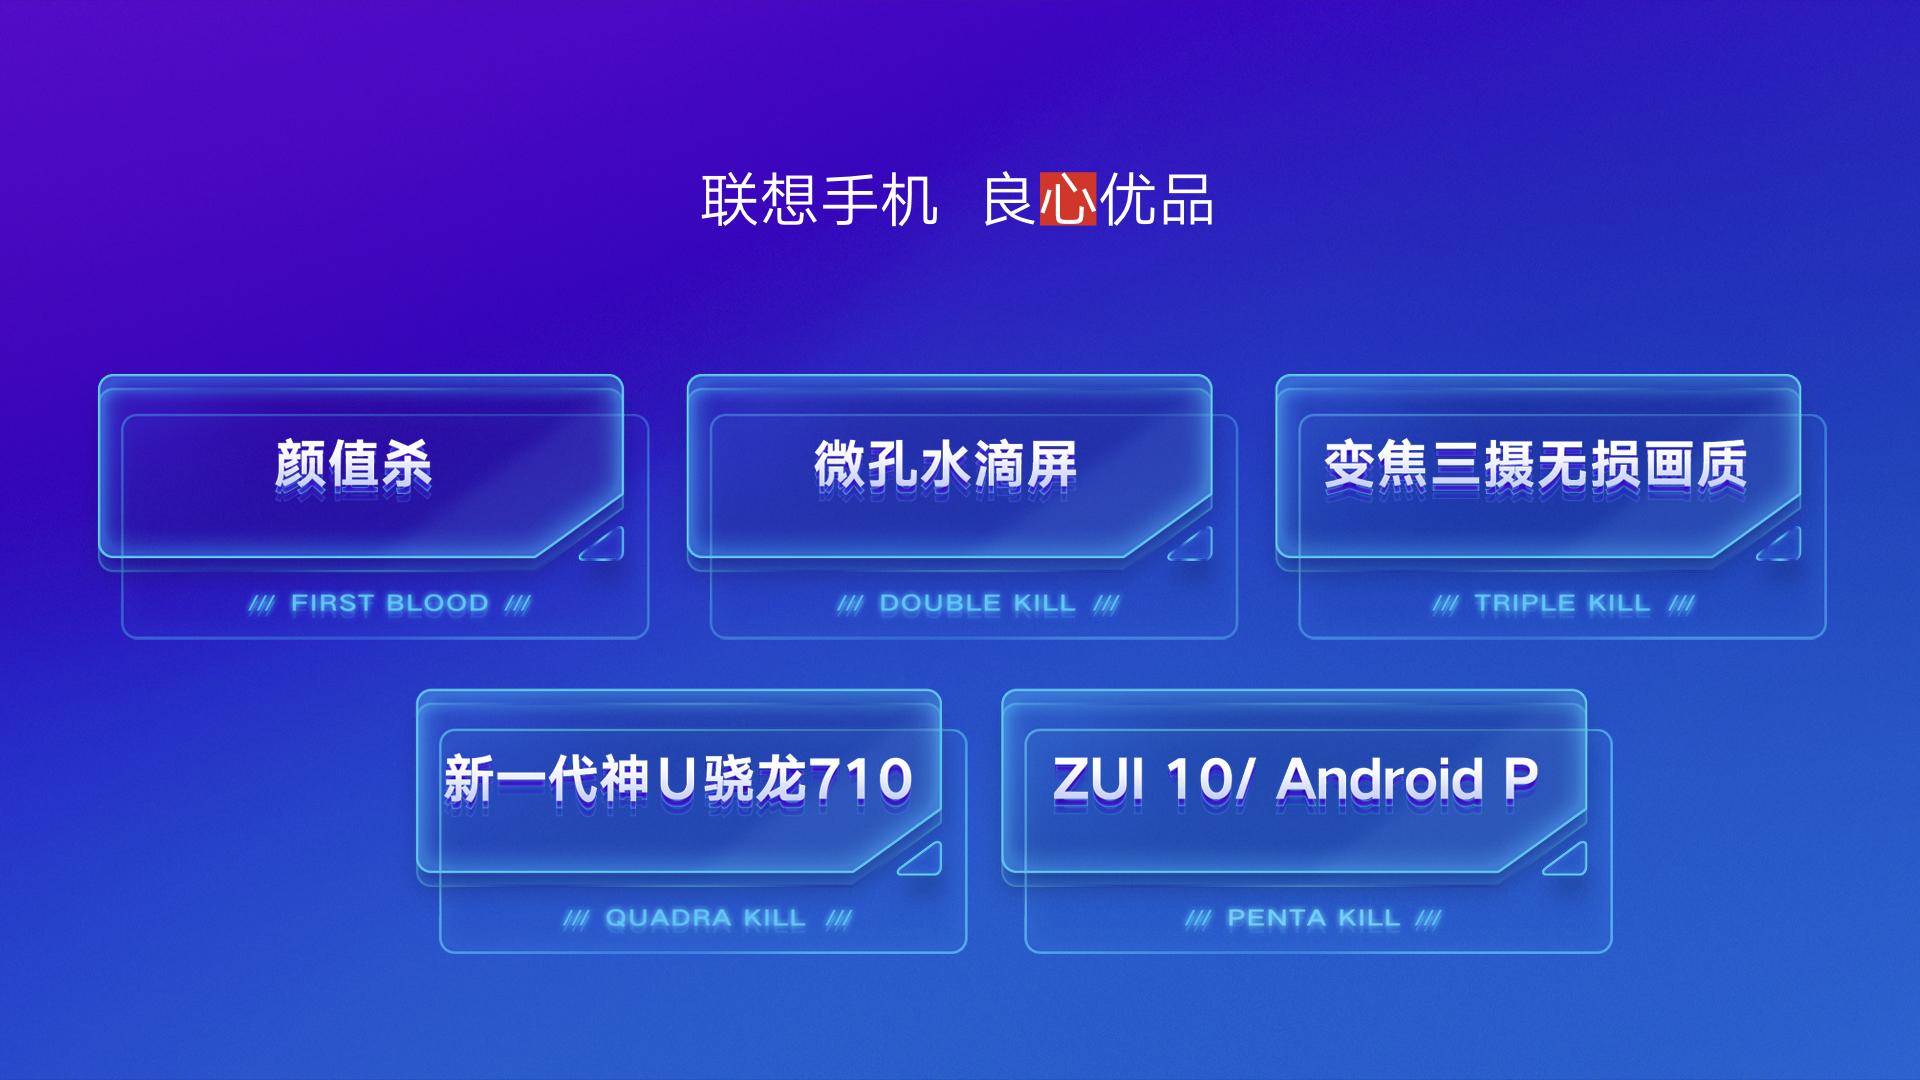 联想发布四款新机:朱一龙版颜值杀 骁龙855的照片 - 3